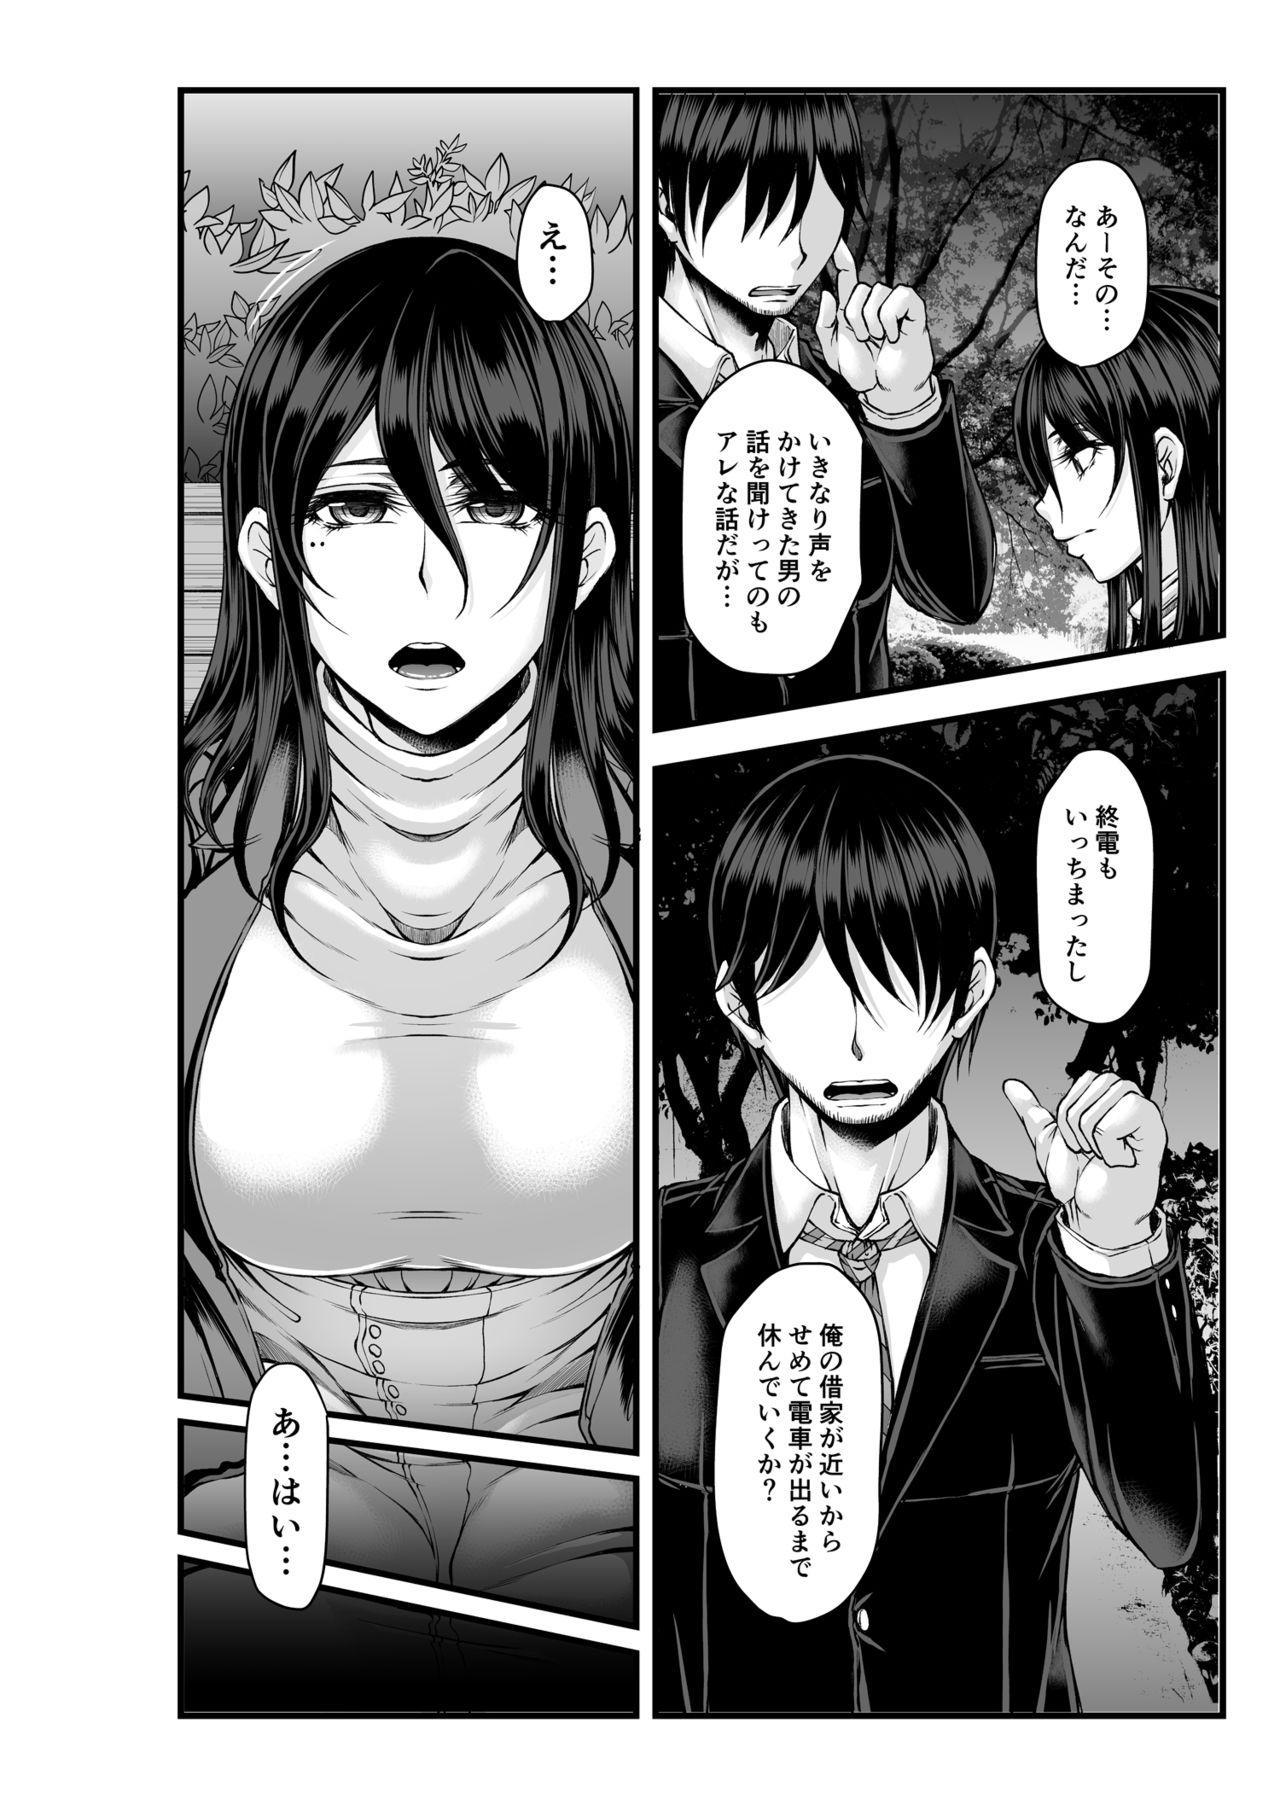 Toshinose wa Tsugou no Ii Nukumori to... 5